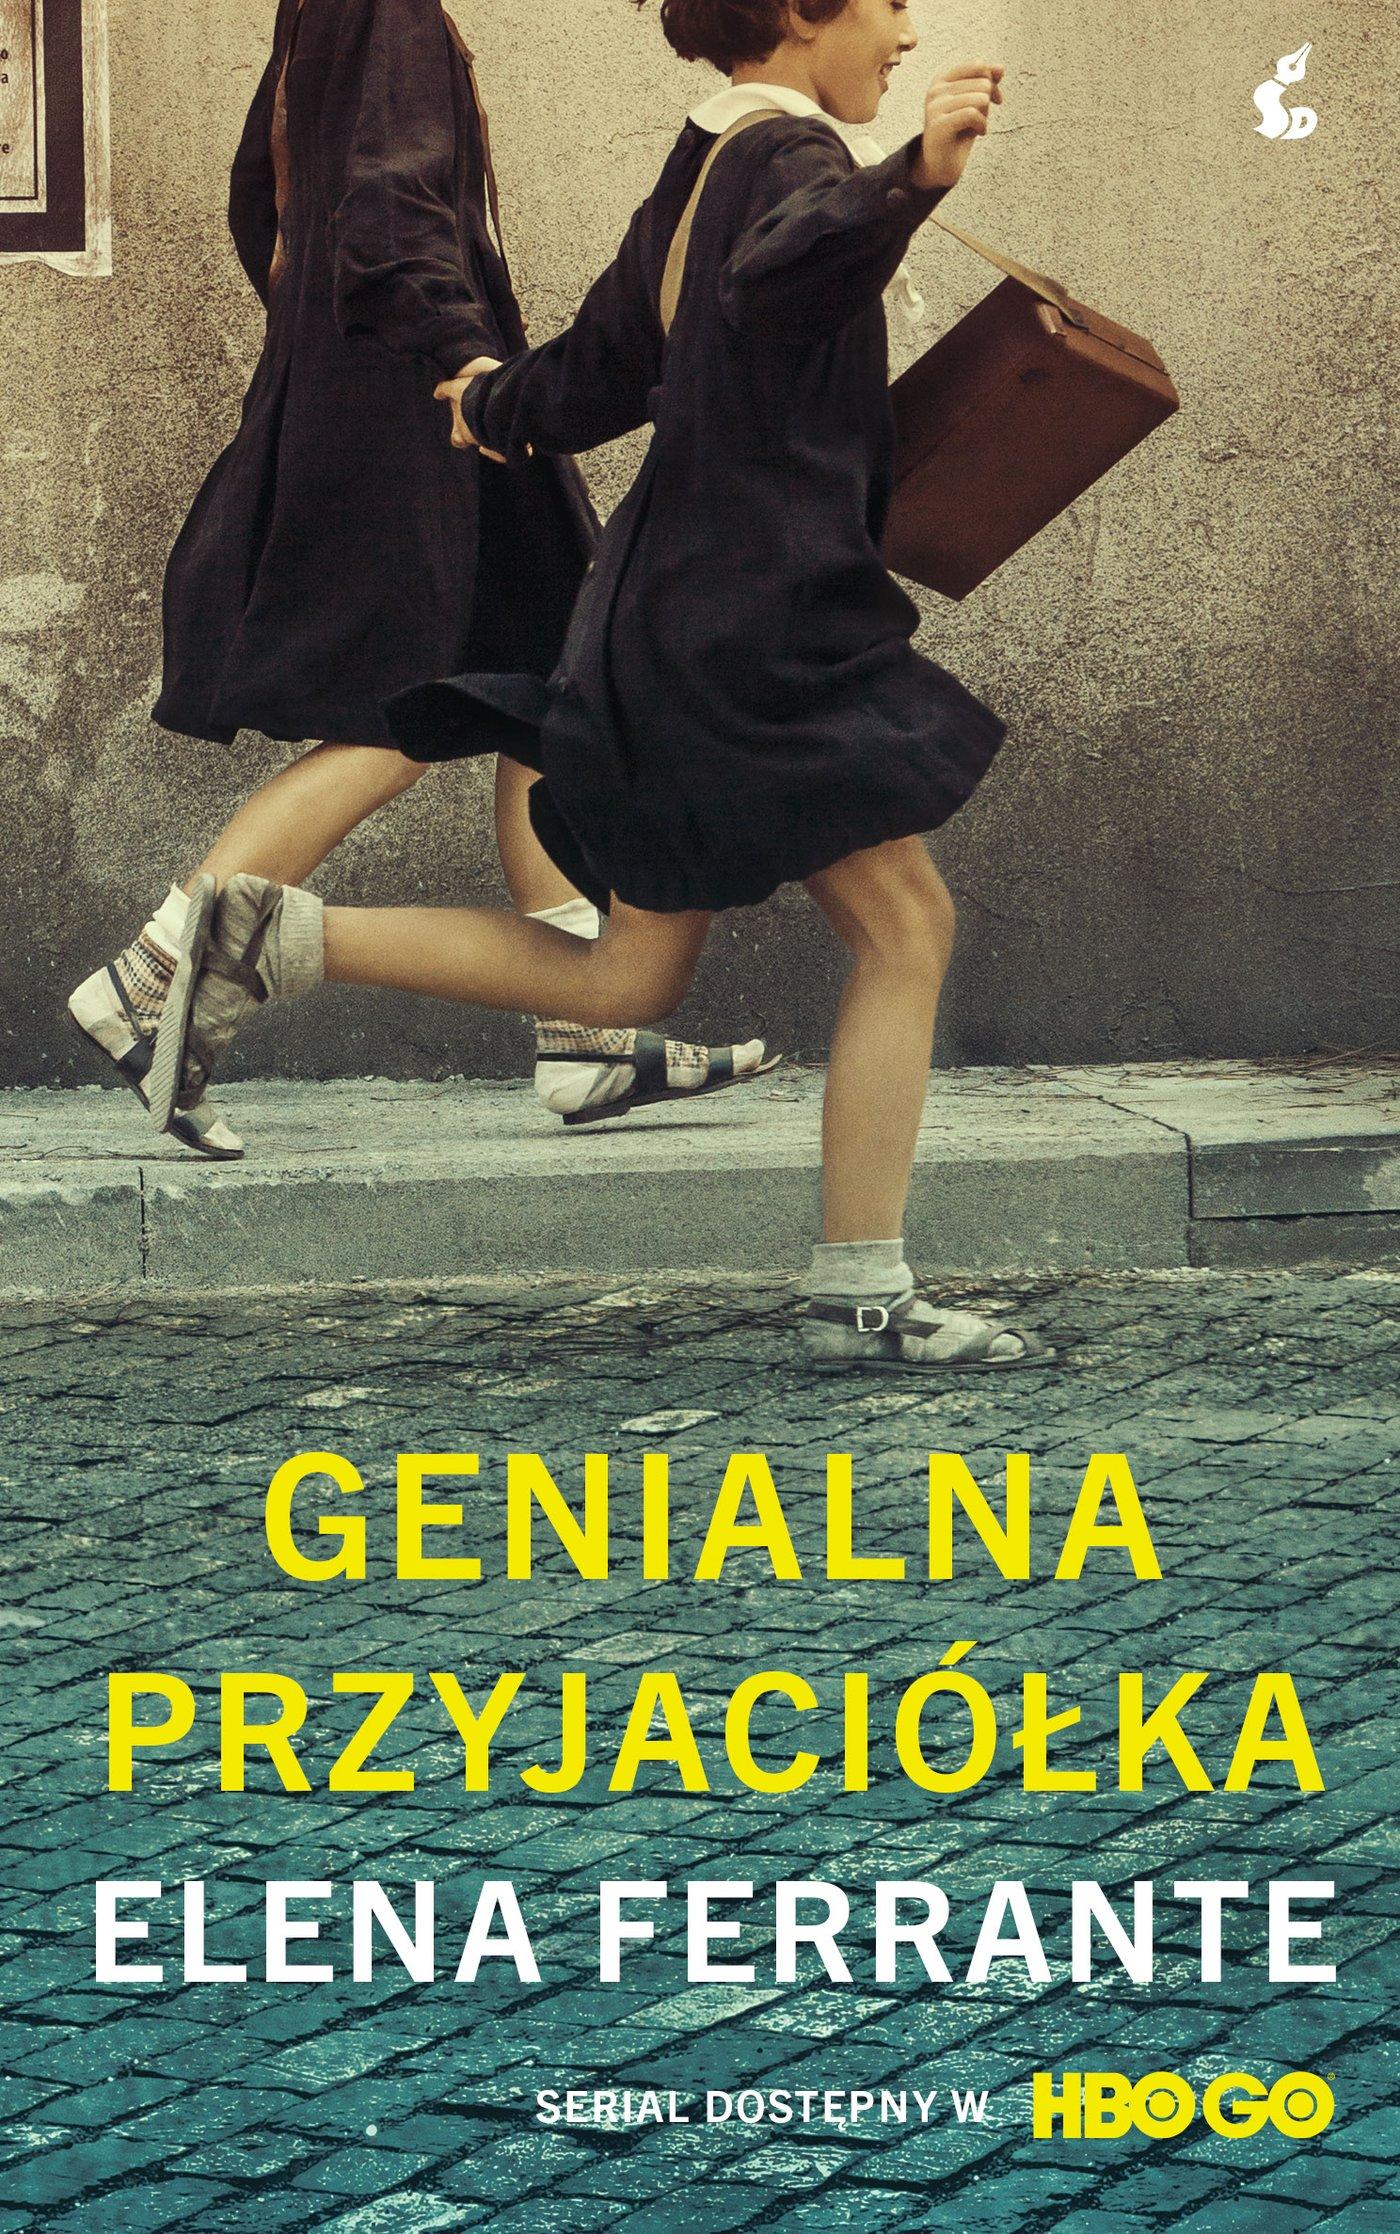 Genialna Przyjaciółka - Ebook (Książka EPUB) do pobrania w formacie EPUB